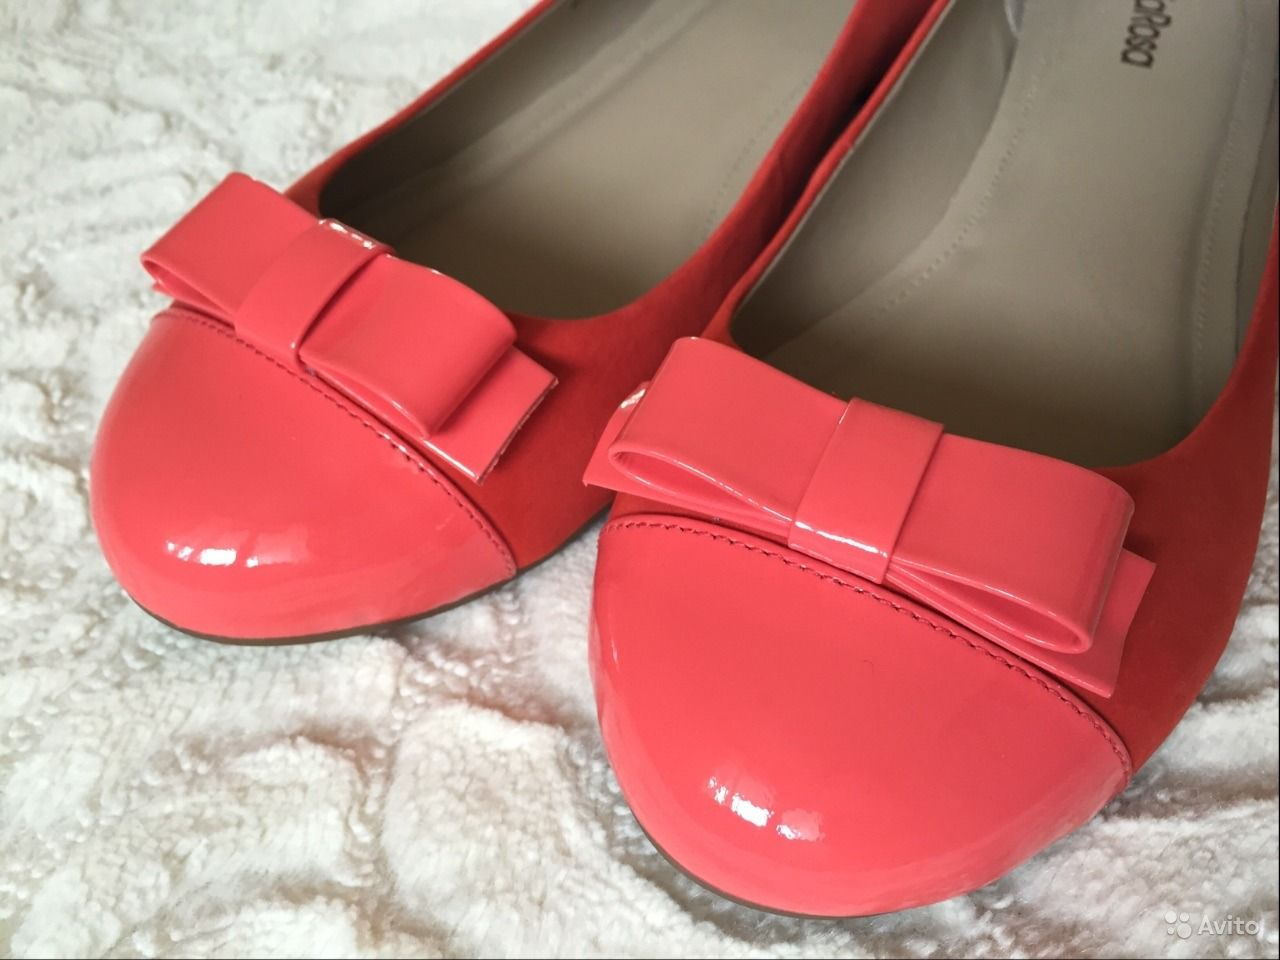 Купить стильную женскую обувь - Детская обувь опт 7 км fd6211796f933